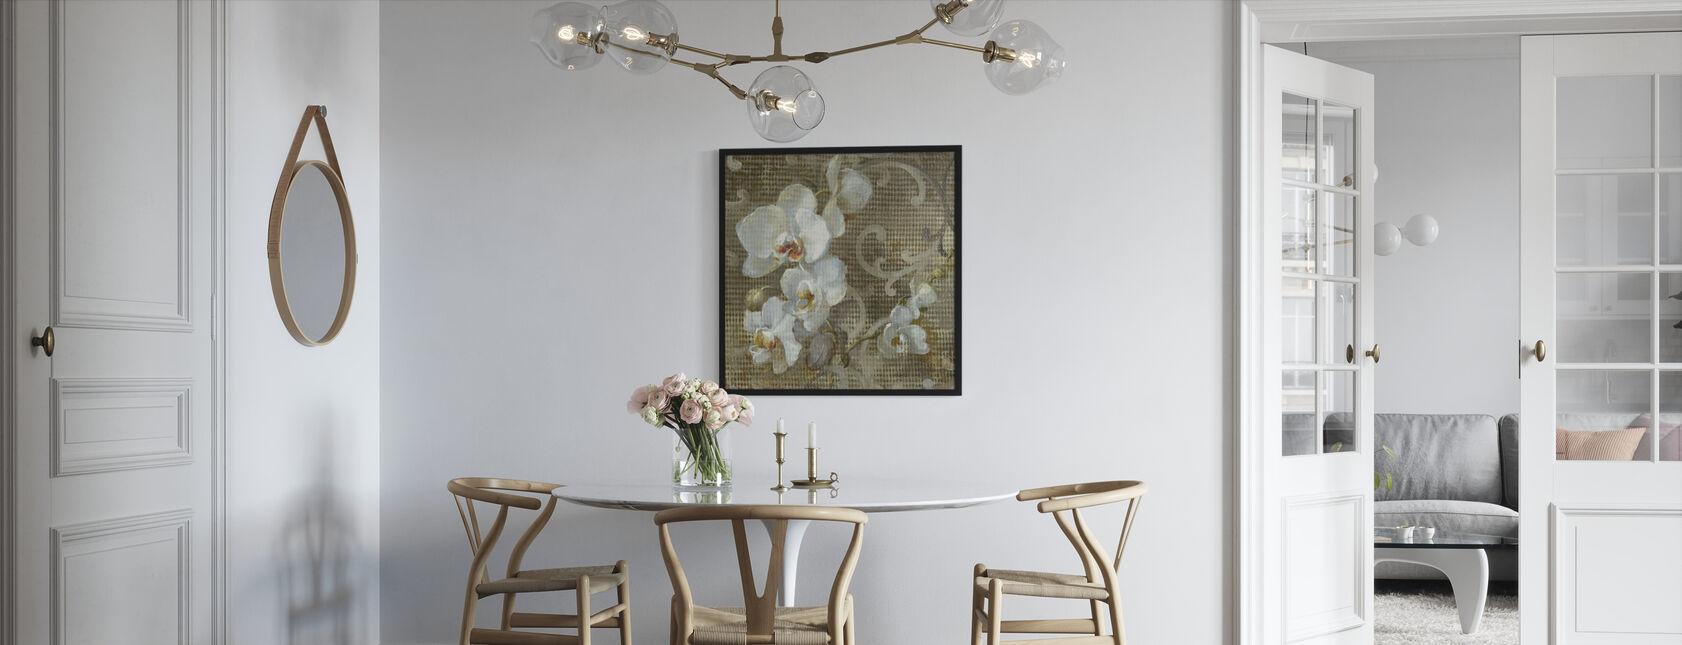 Carré orchidée blanche - Impression encadree - Cuisine